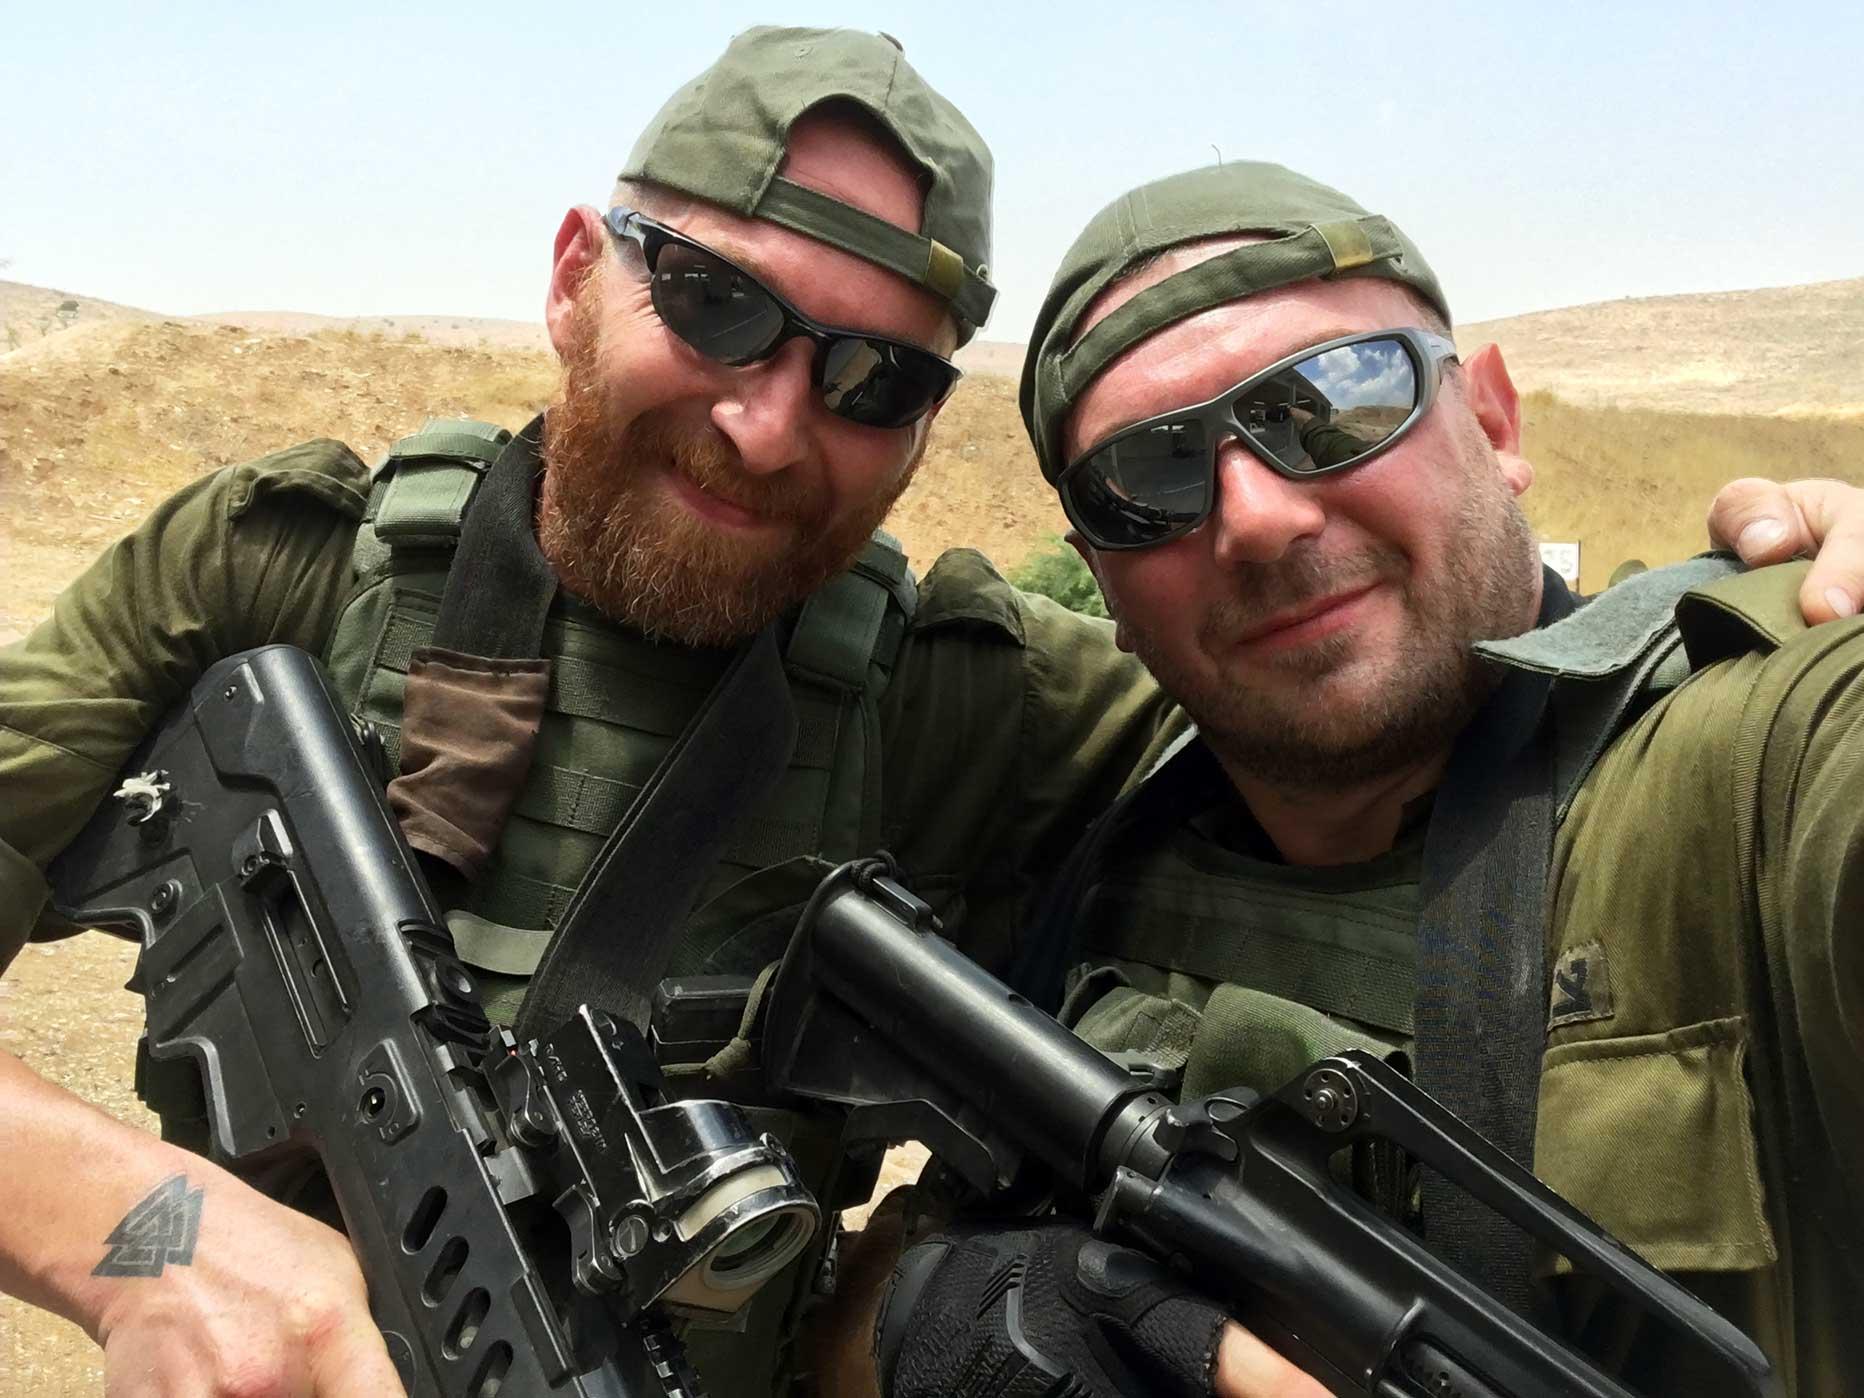 manuel spadaccini e daniele cattaneo durante un'esercitazione in israele